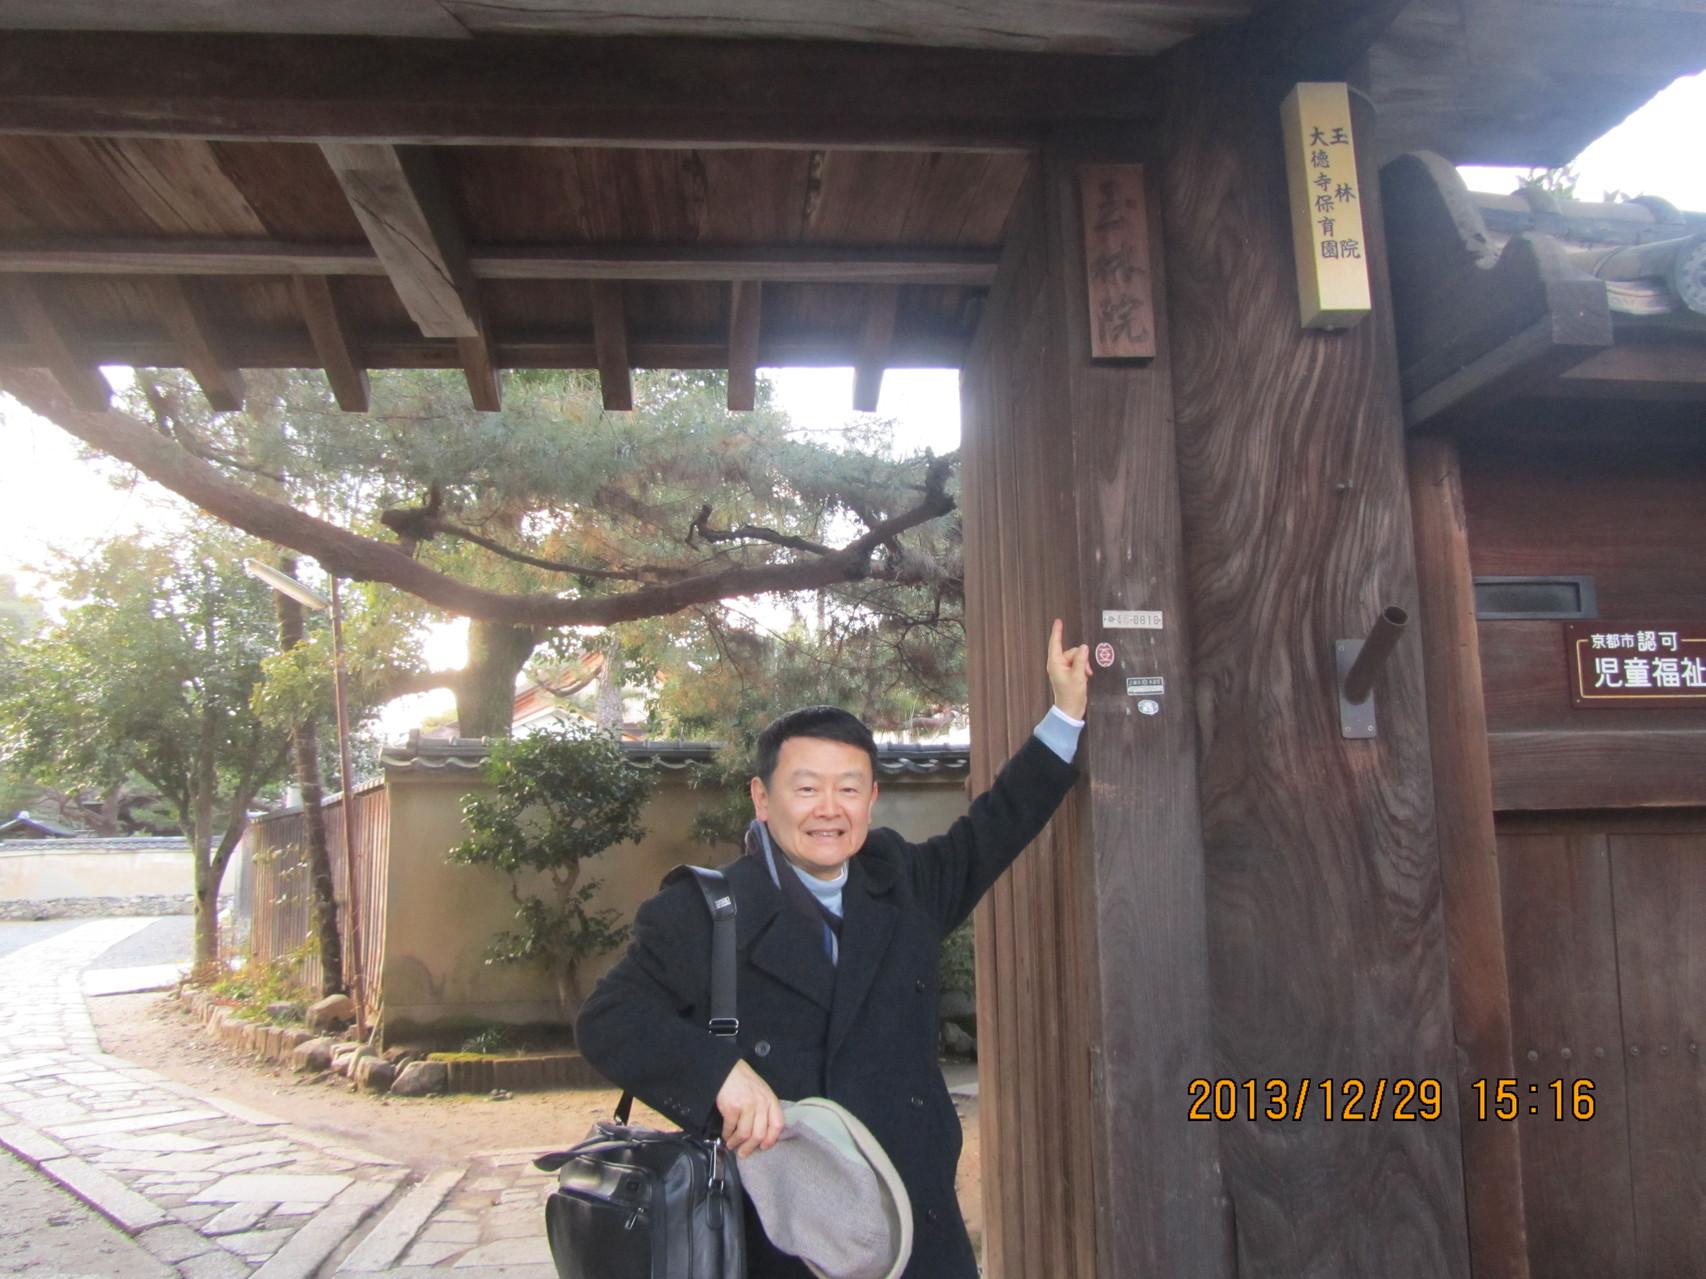 大徳寺、玉林院(ぎょくりんいん)。我が片桐家の先祖、片桐且元(かたぎり かつもと)の墓があります。